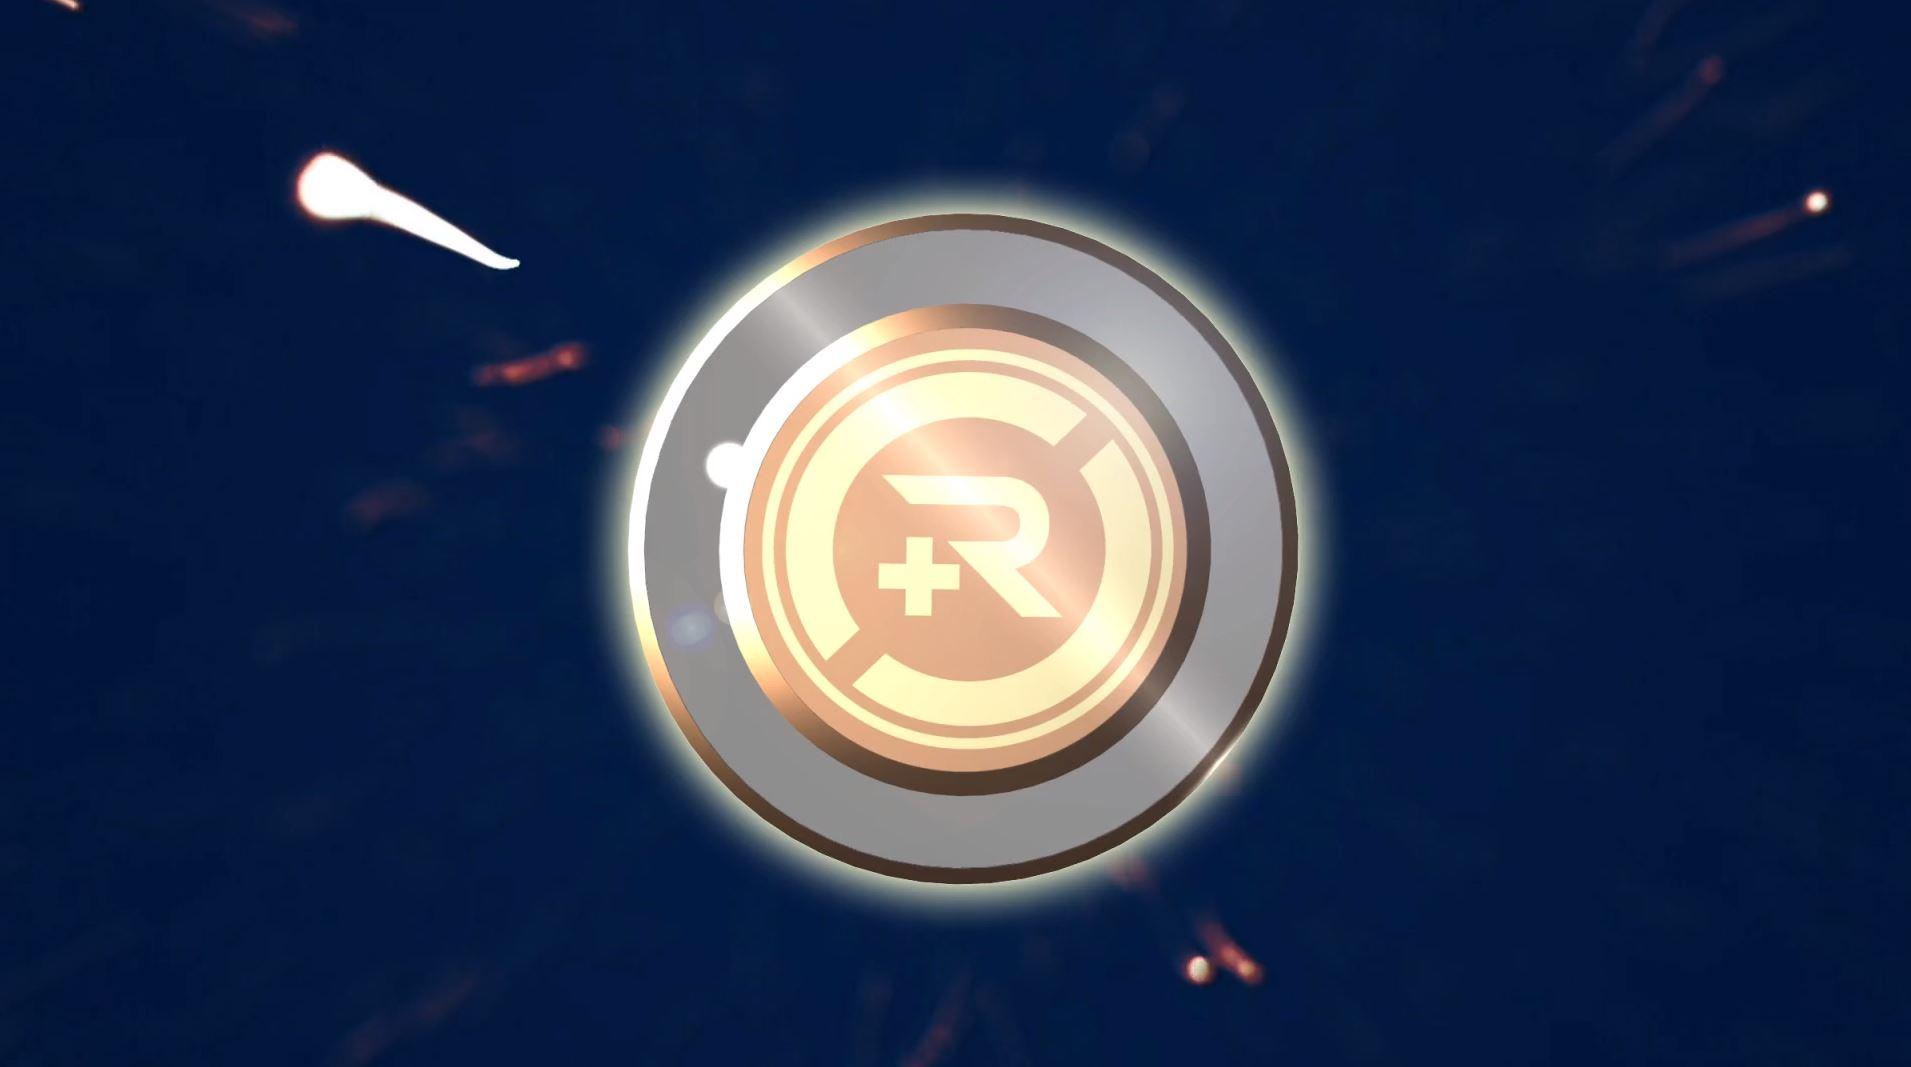 Ritz Coin